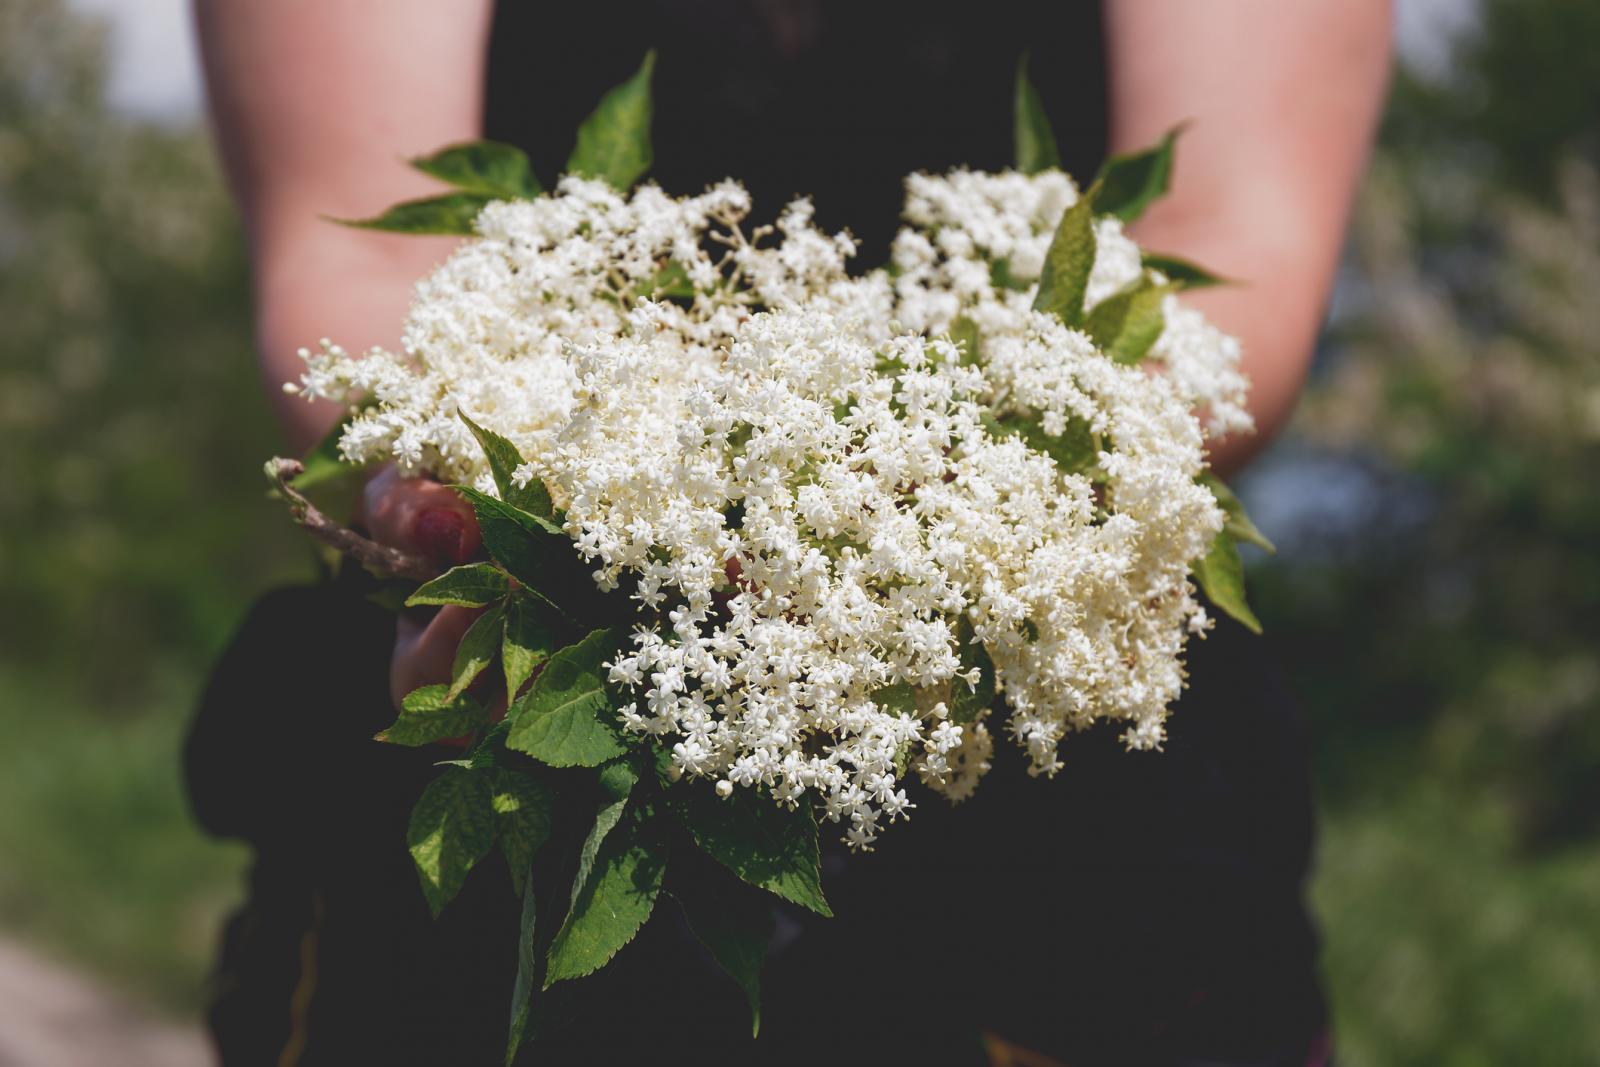 Cvjetovi bazge bogati su glikozidima, taninima, flavonoidima, karotenima, rutinom i vitaminom C, a smatra se da su upravo flavonoidi, moćni antioksidansi koji štite naše stanice od oštećenja, zaslužni za njenu ljekovitost.